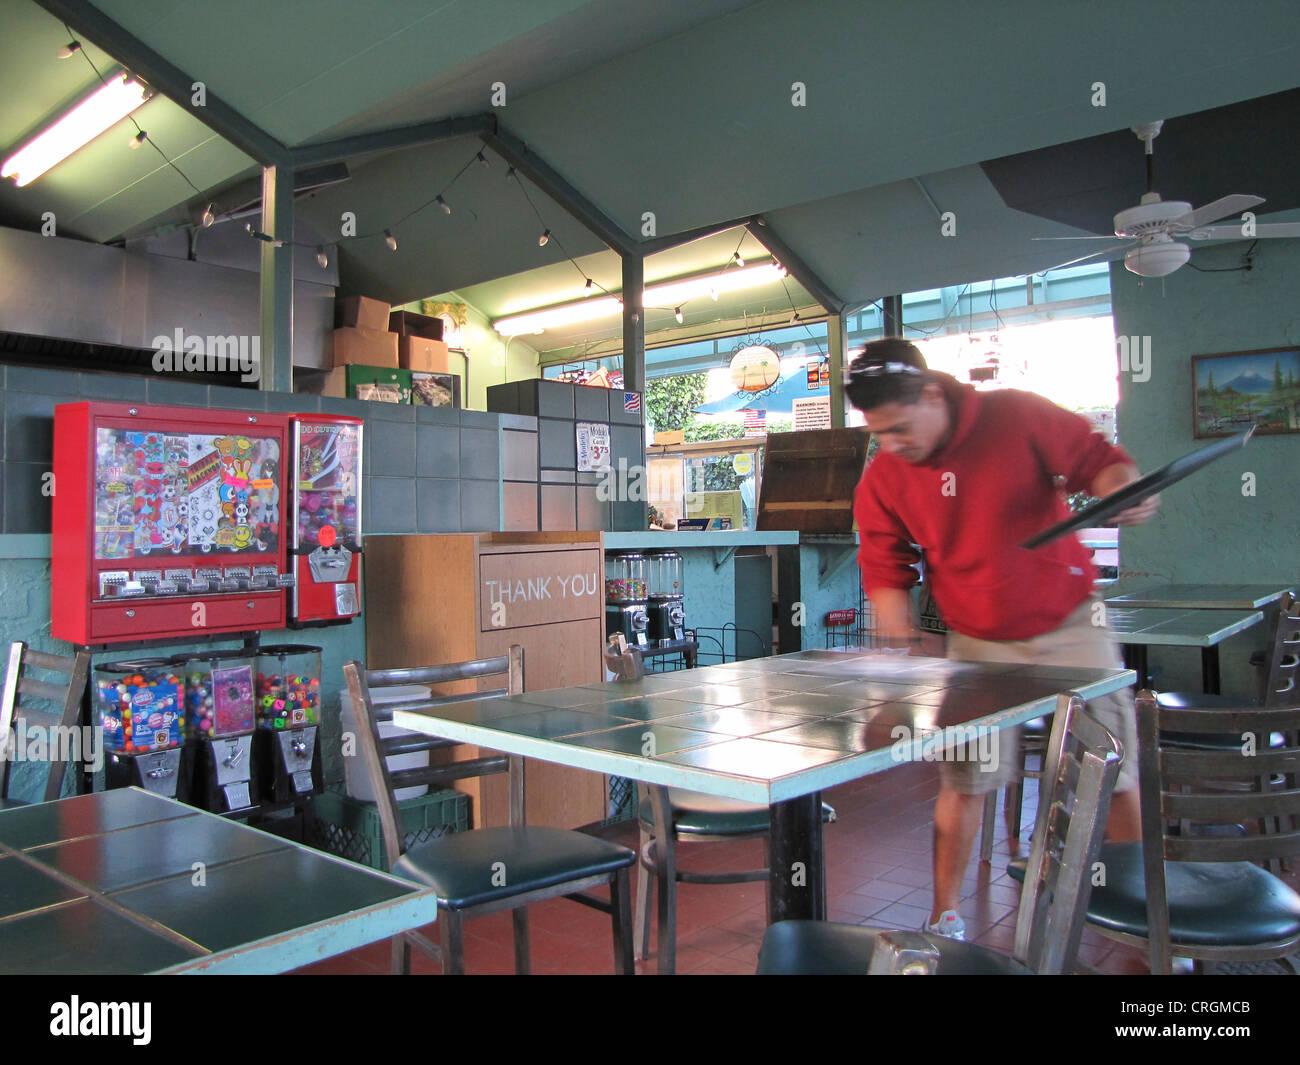 Mann Reinigung Tisch in amerikanischen Fast-Food-Restaurant, Kaugummi Maschine im linken Bild, USA, Kalifornien, Stockbild